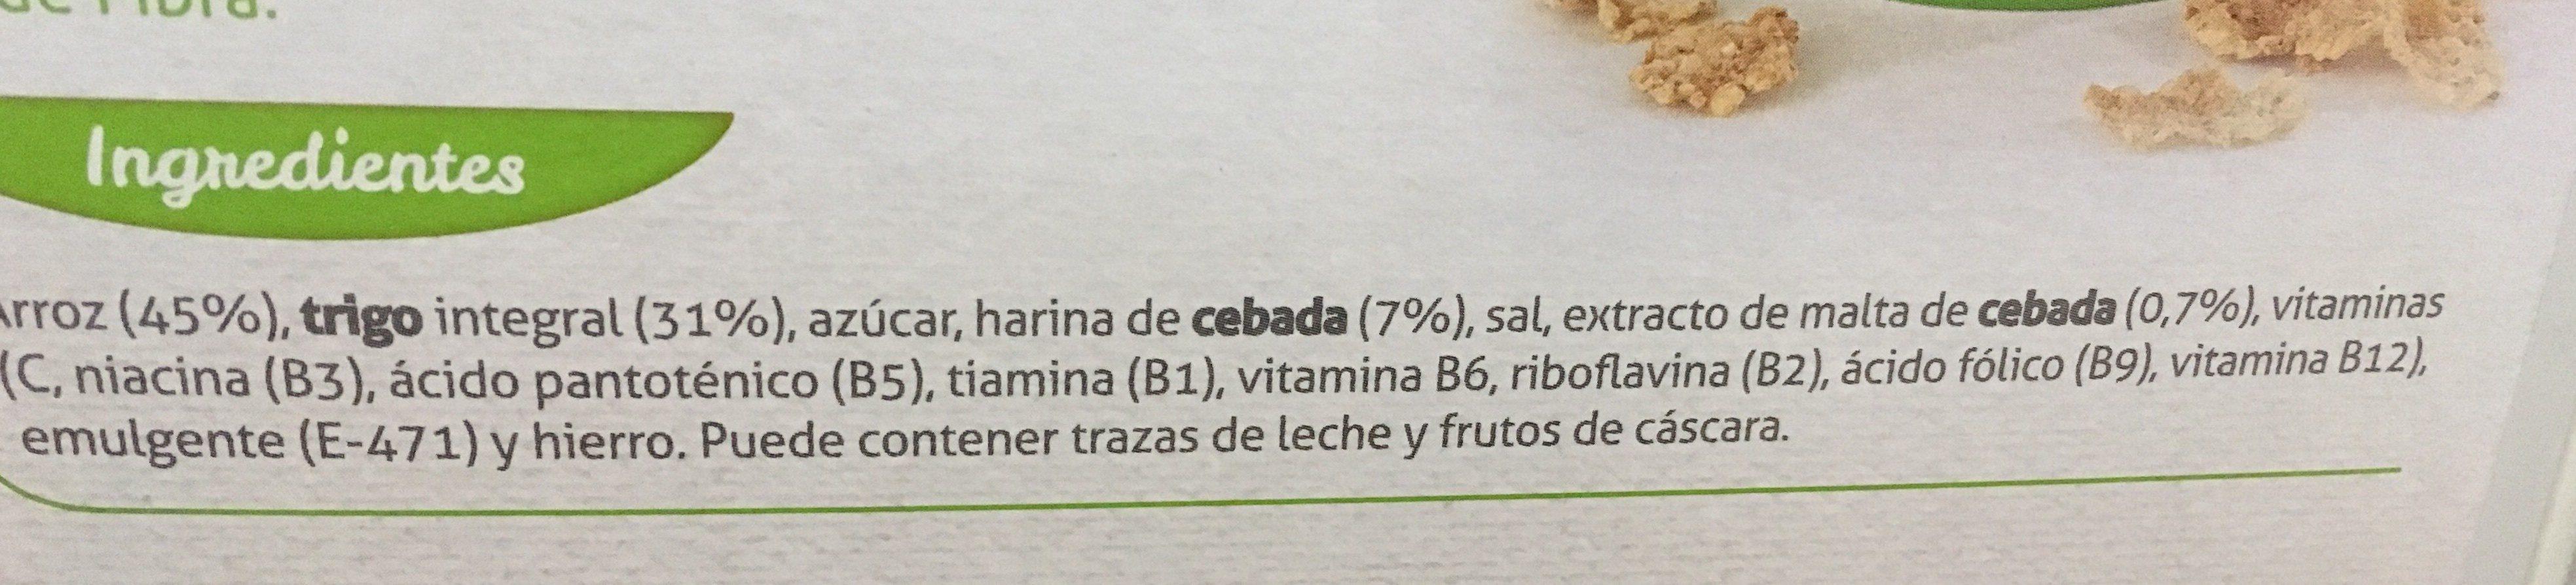 Integral - Ingredientes - fr